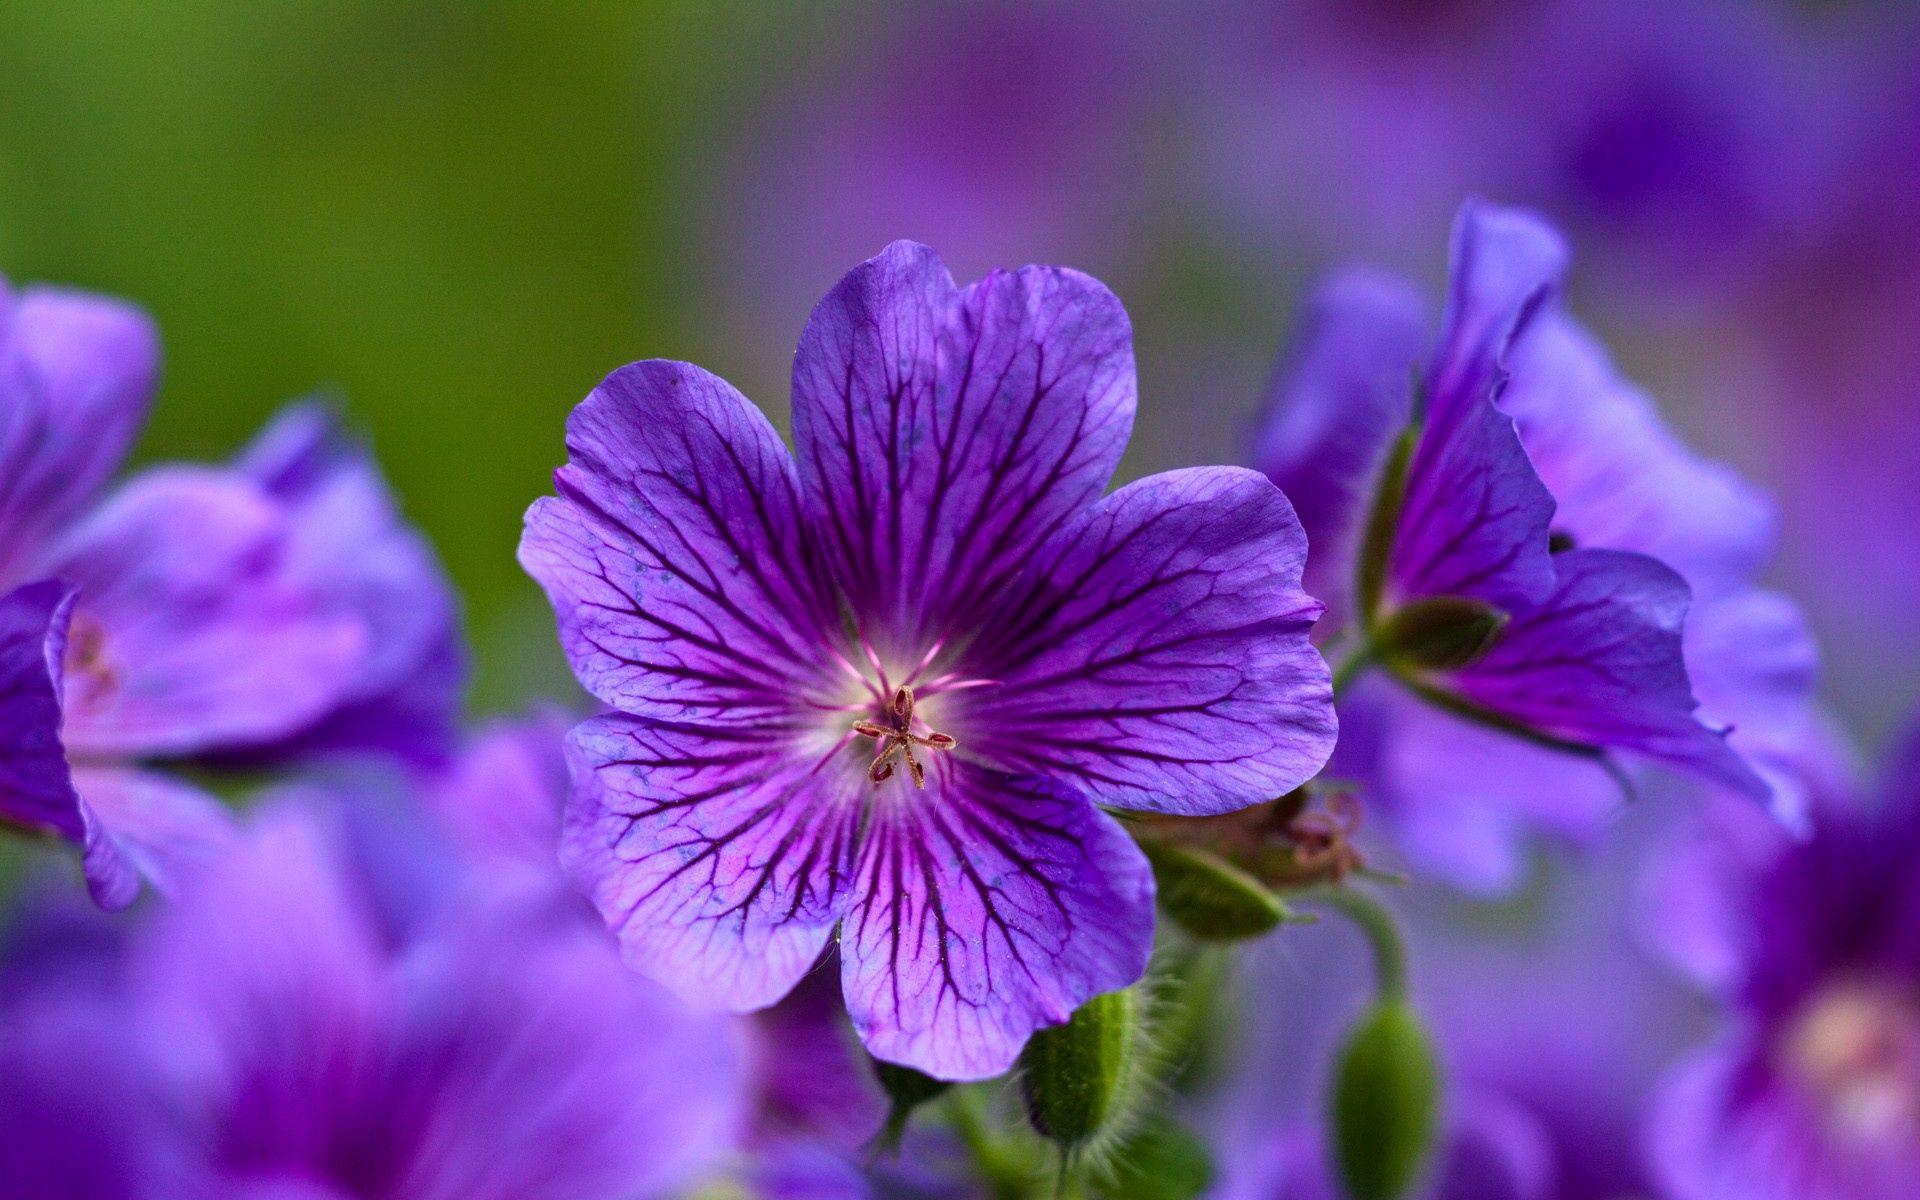 手機的152751屏保和壁紙紫罗兰。 免費下載 宏, 紫色, 紫罗兰, 特写, 花瓣, 花卉 圖片